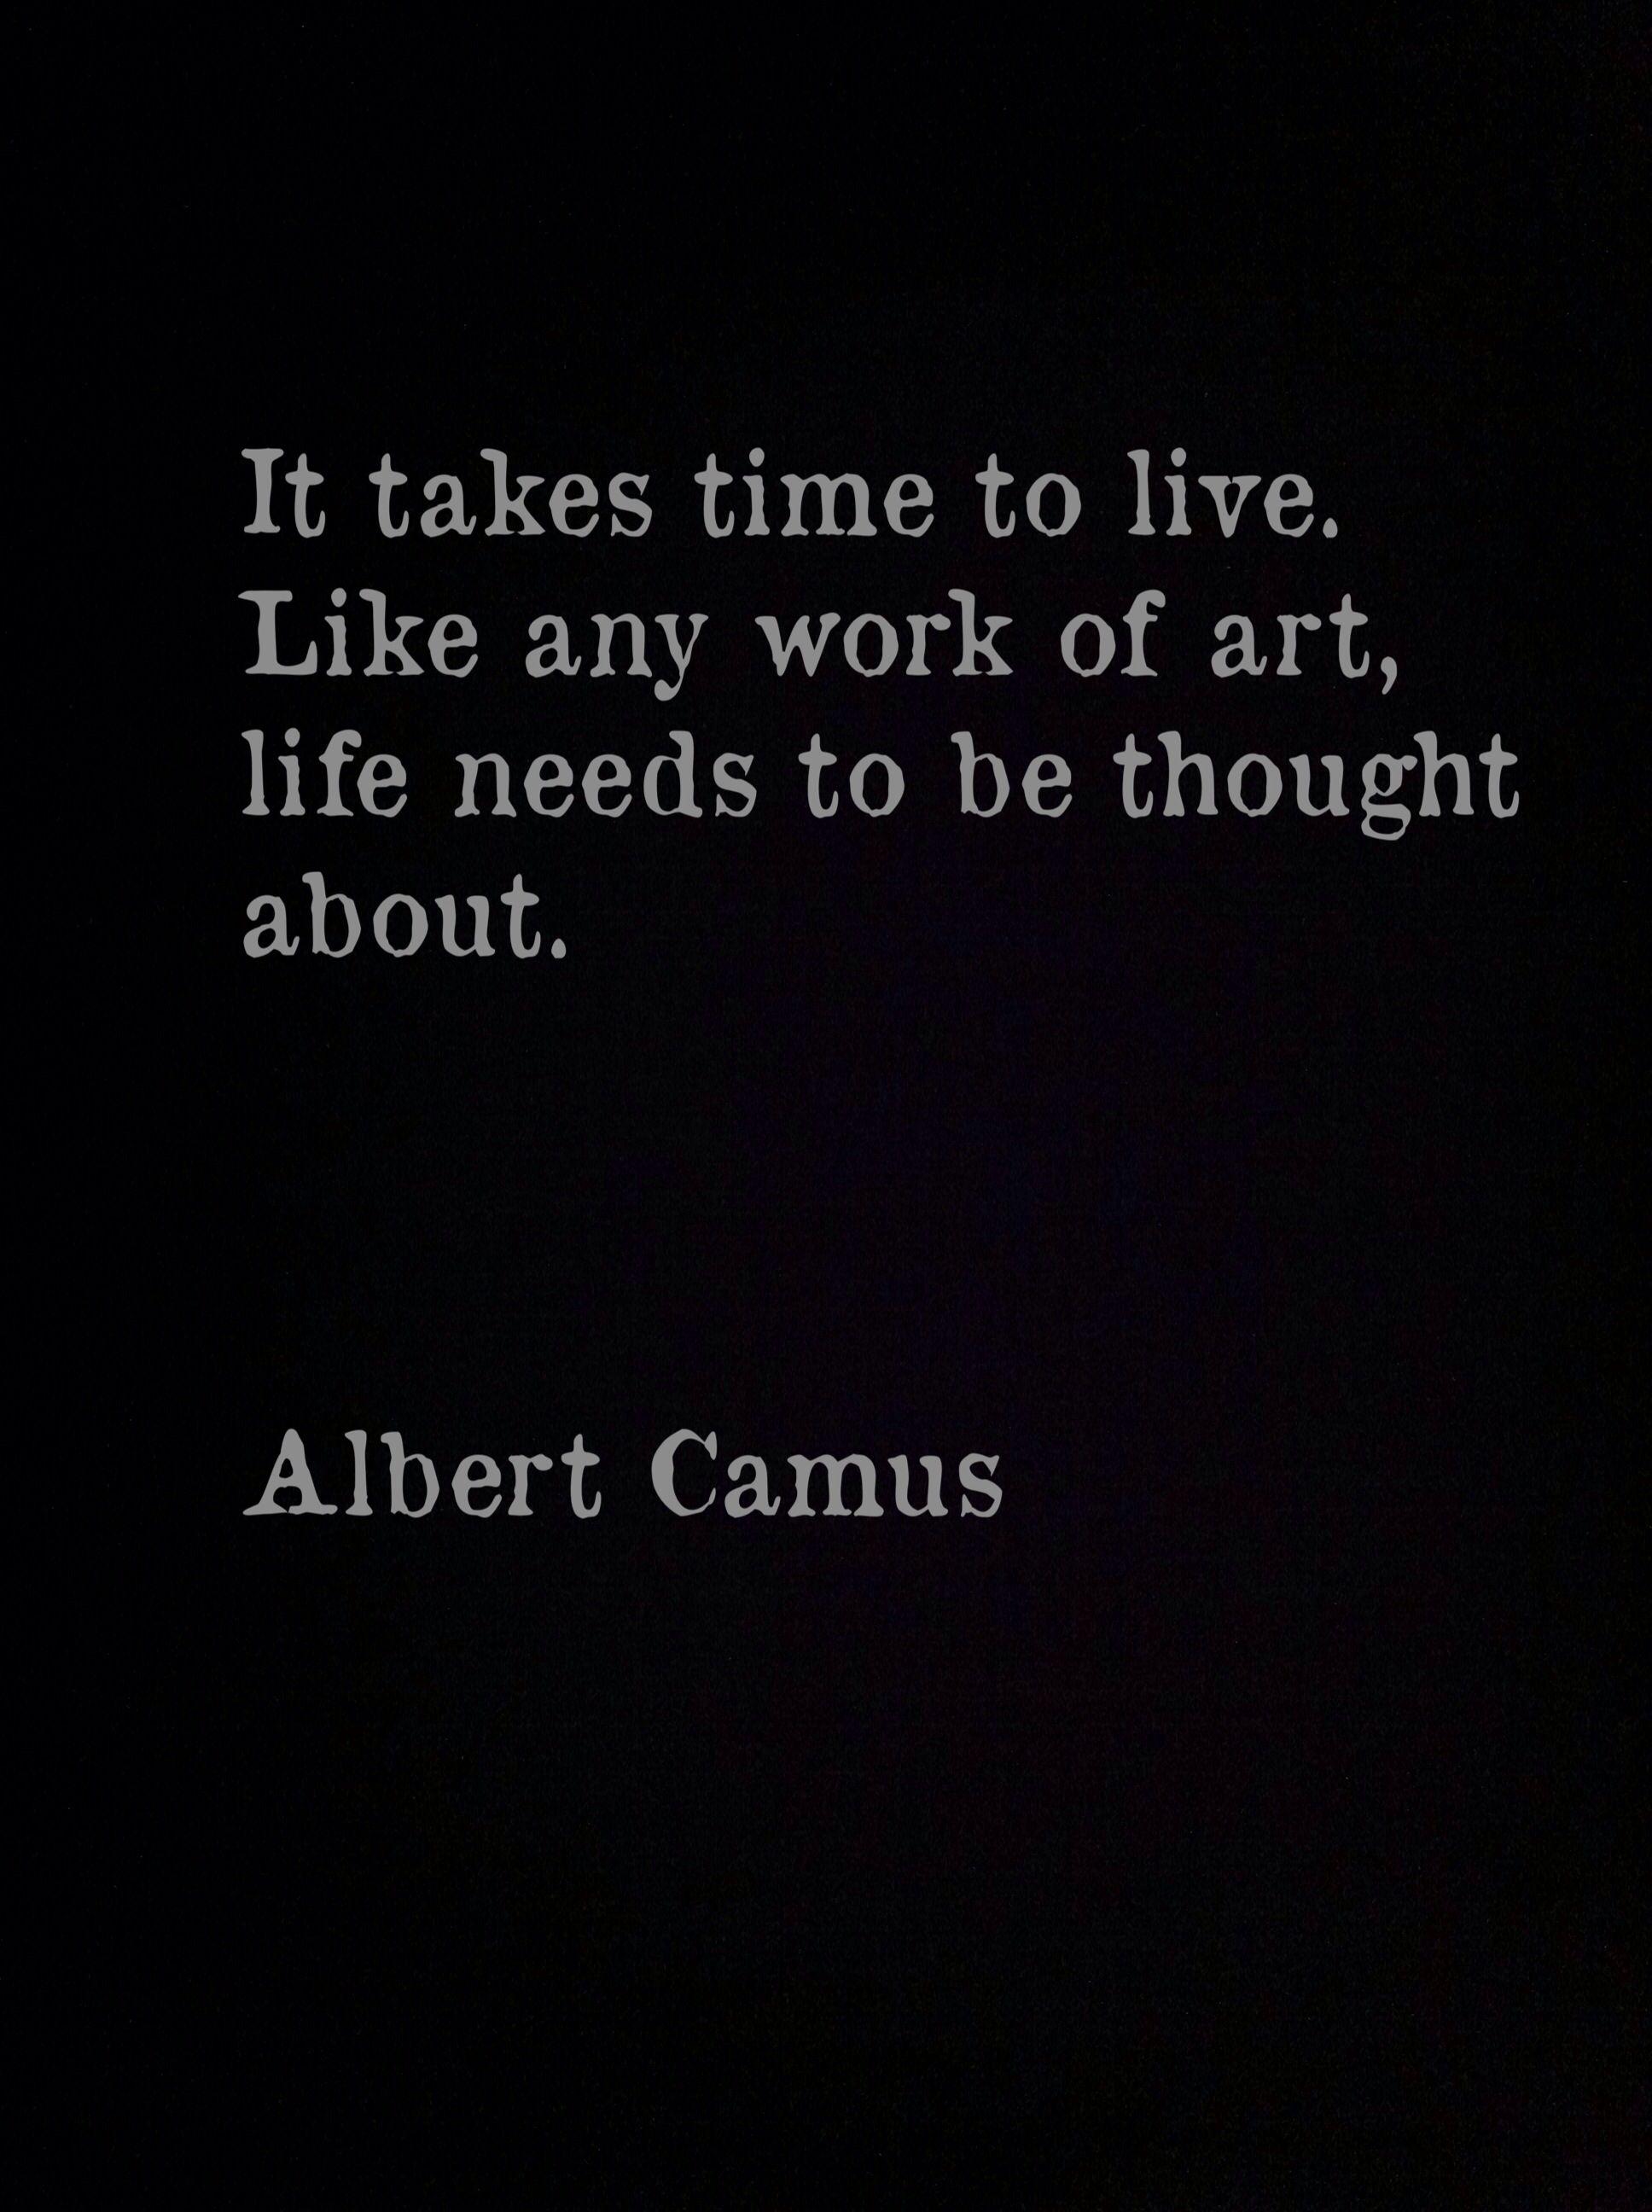 Albert Camus Wisdom Quotes Life Wisdom Quotes Words Quotes